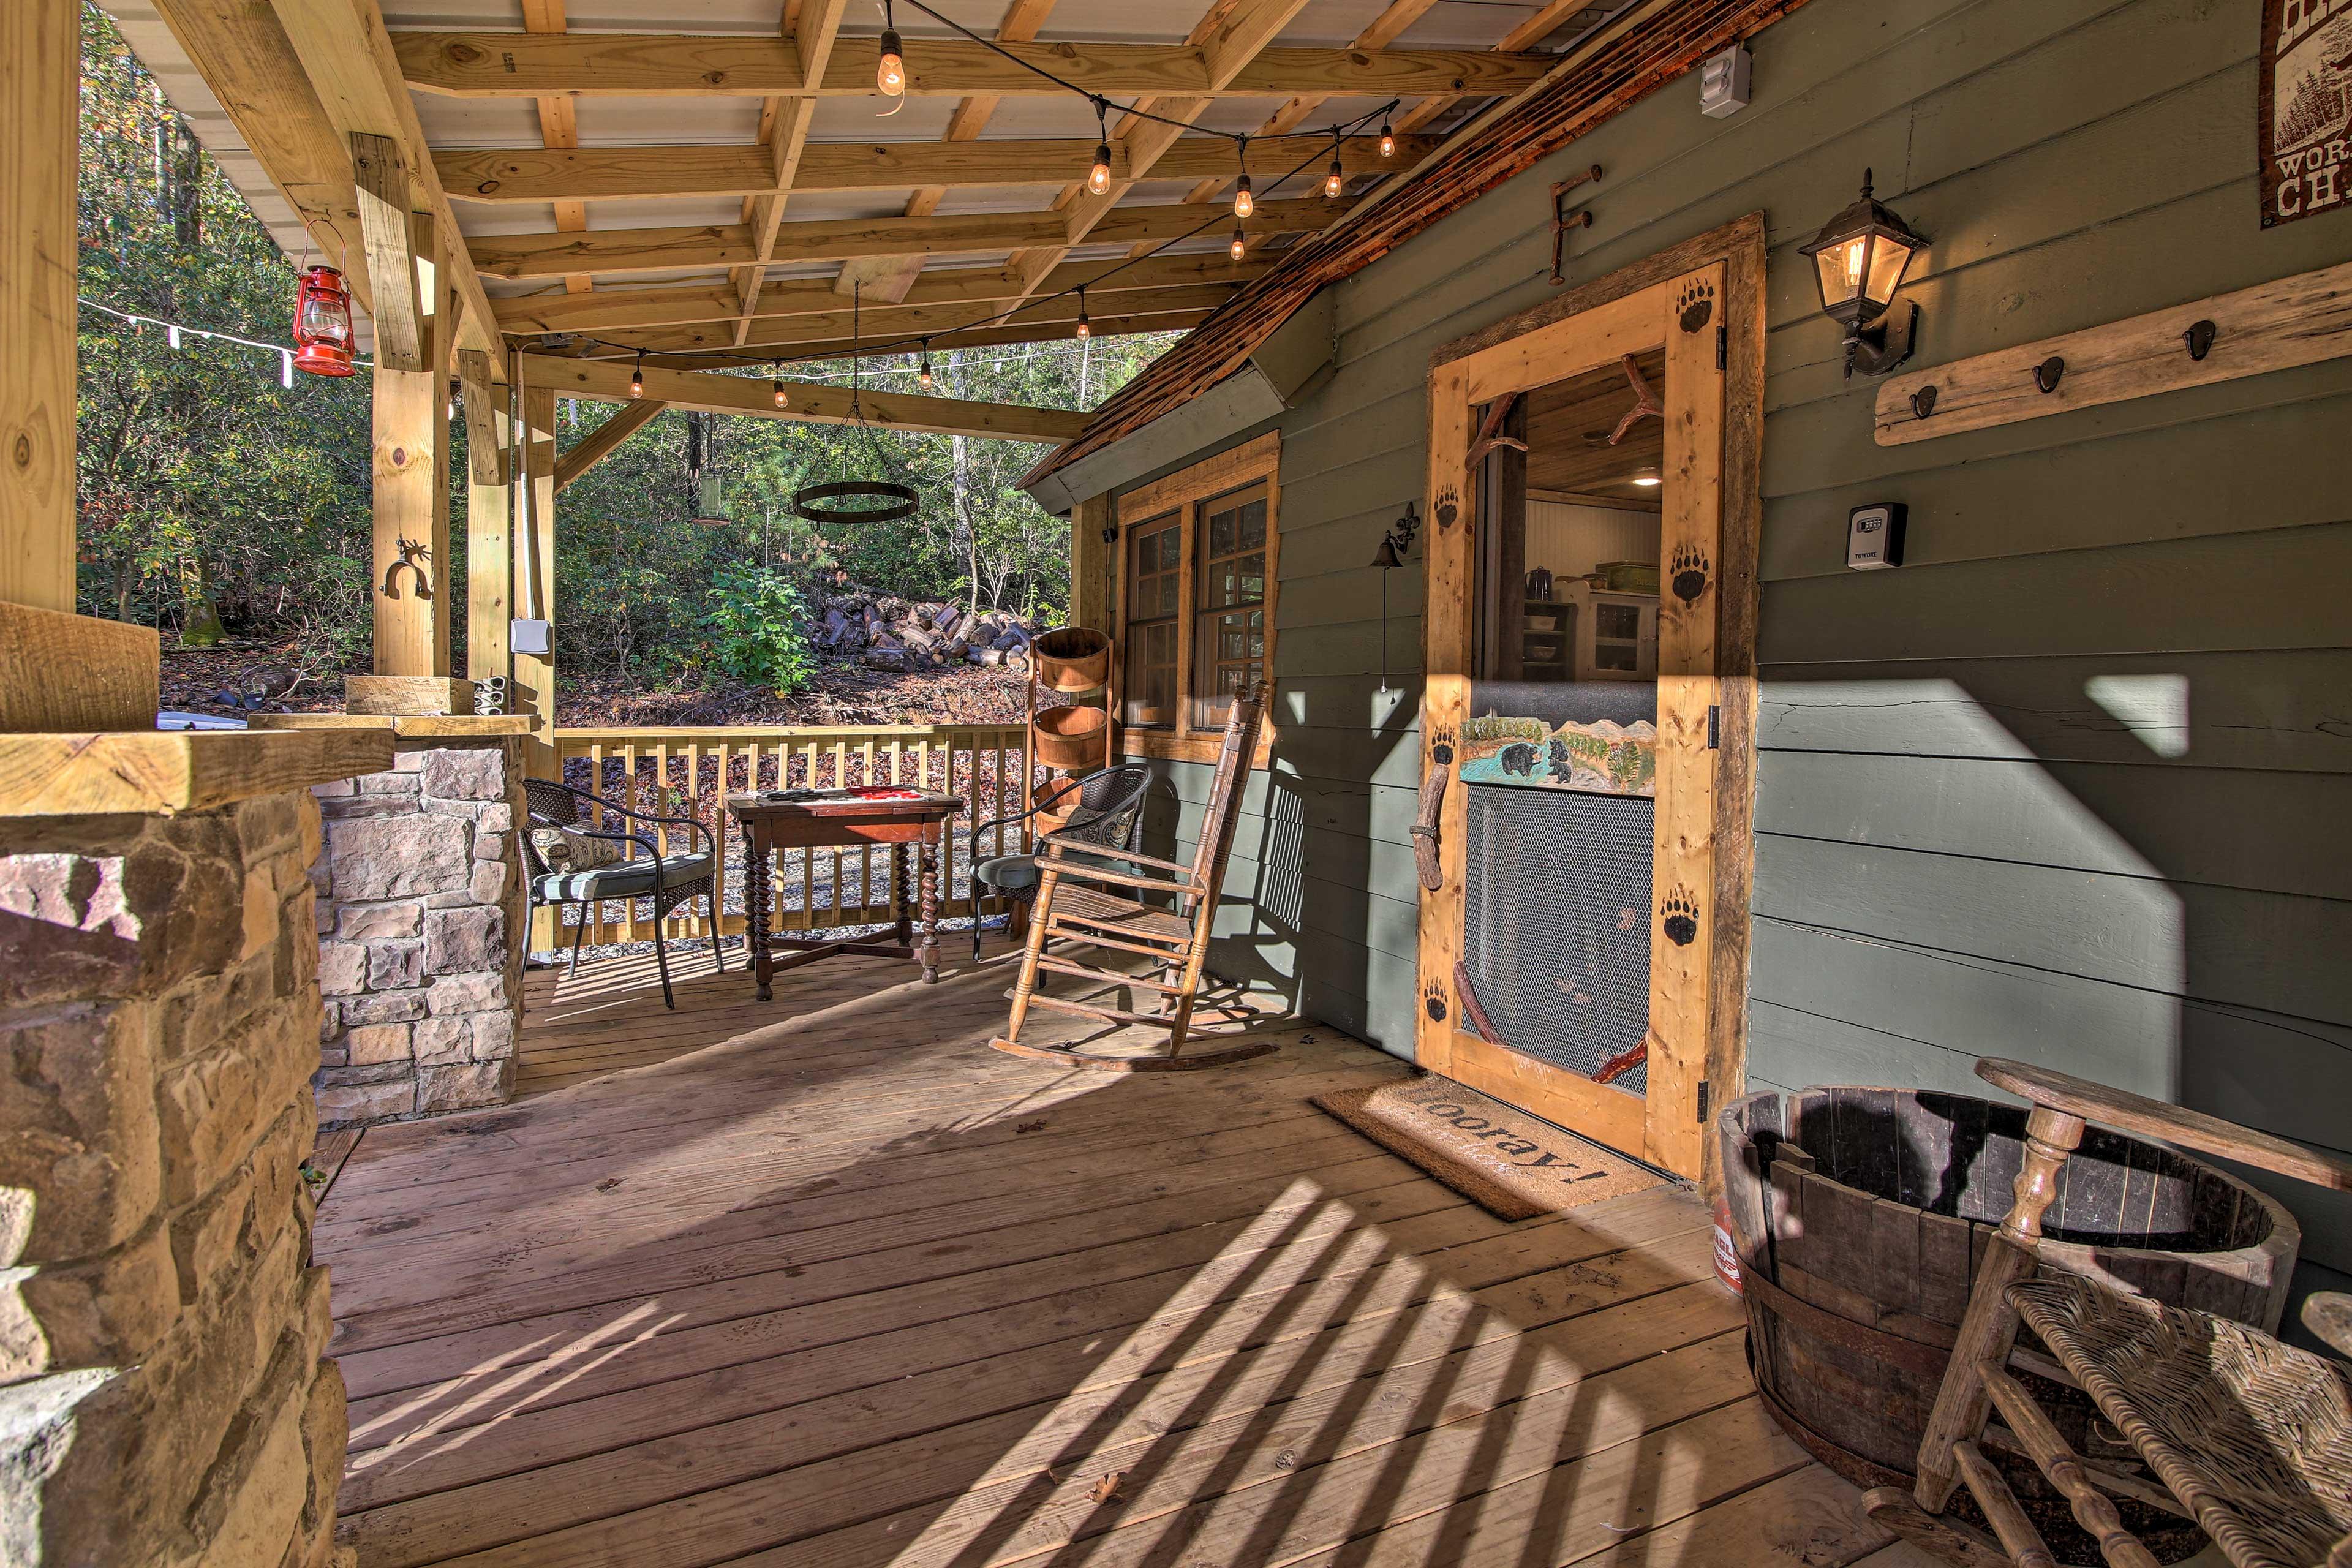 Edison-style string lights illuminate the spacious wraparound porch.